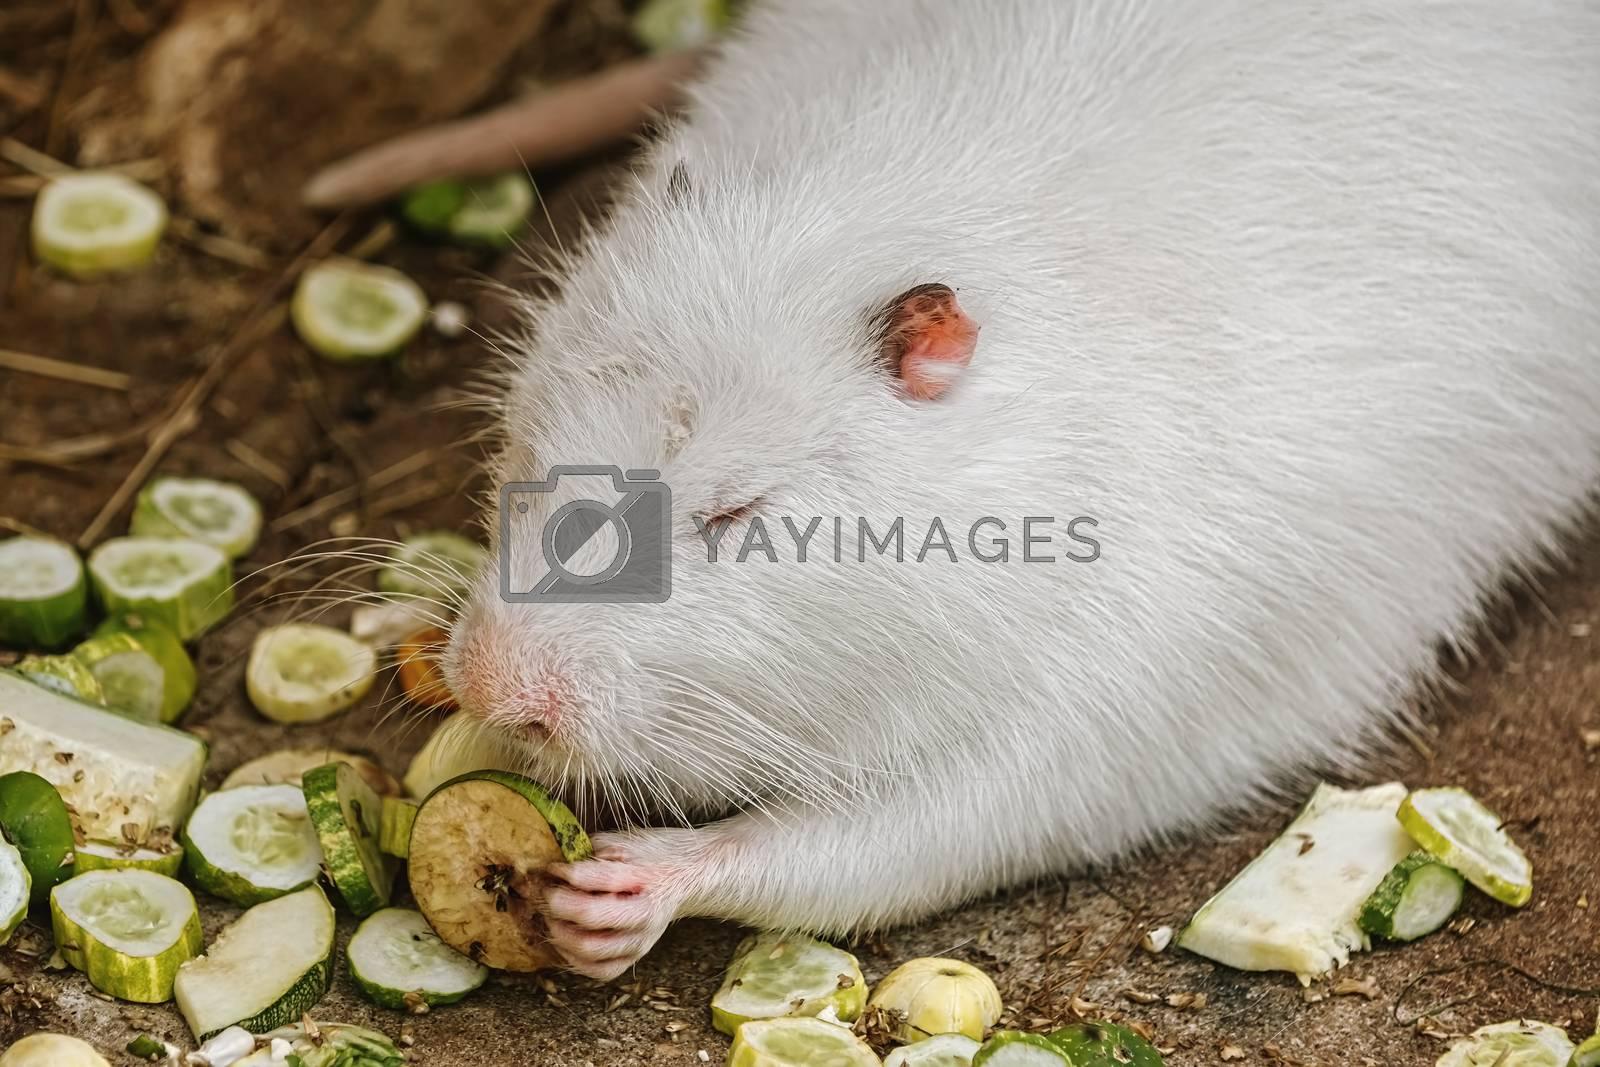 White coypu (Myocastor coypus) eating vegetables